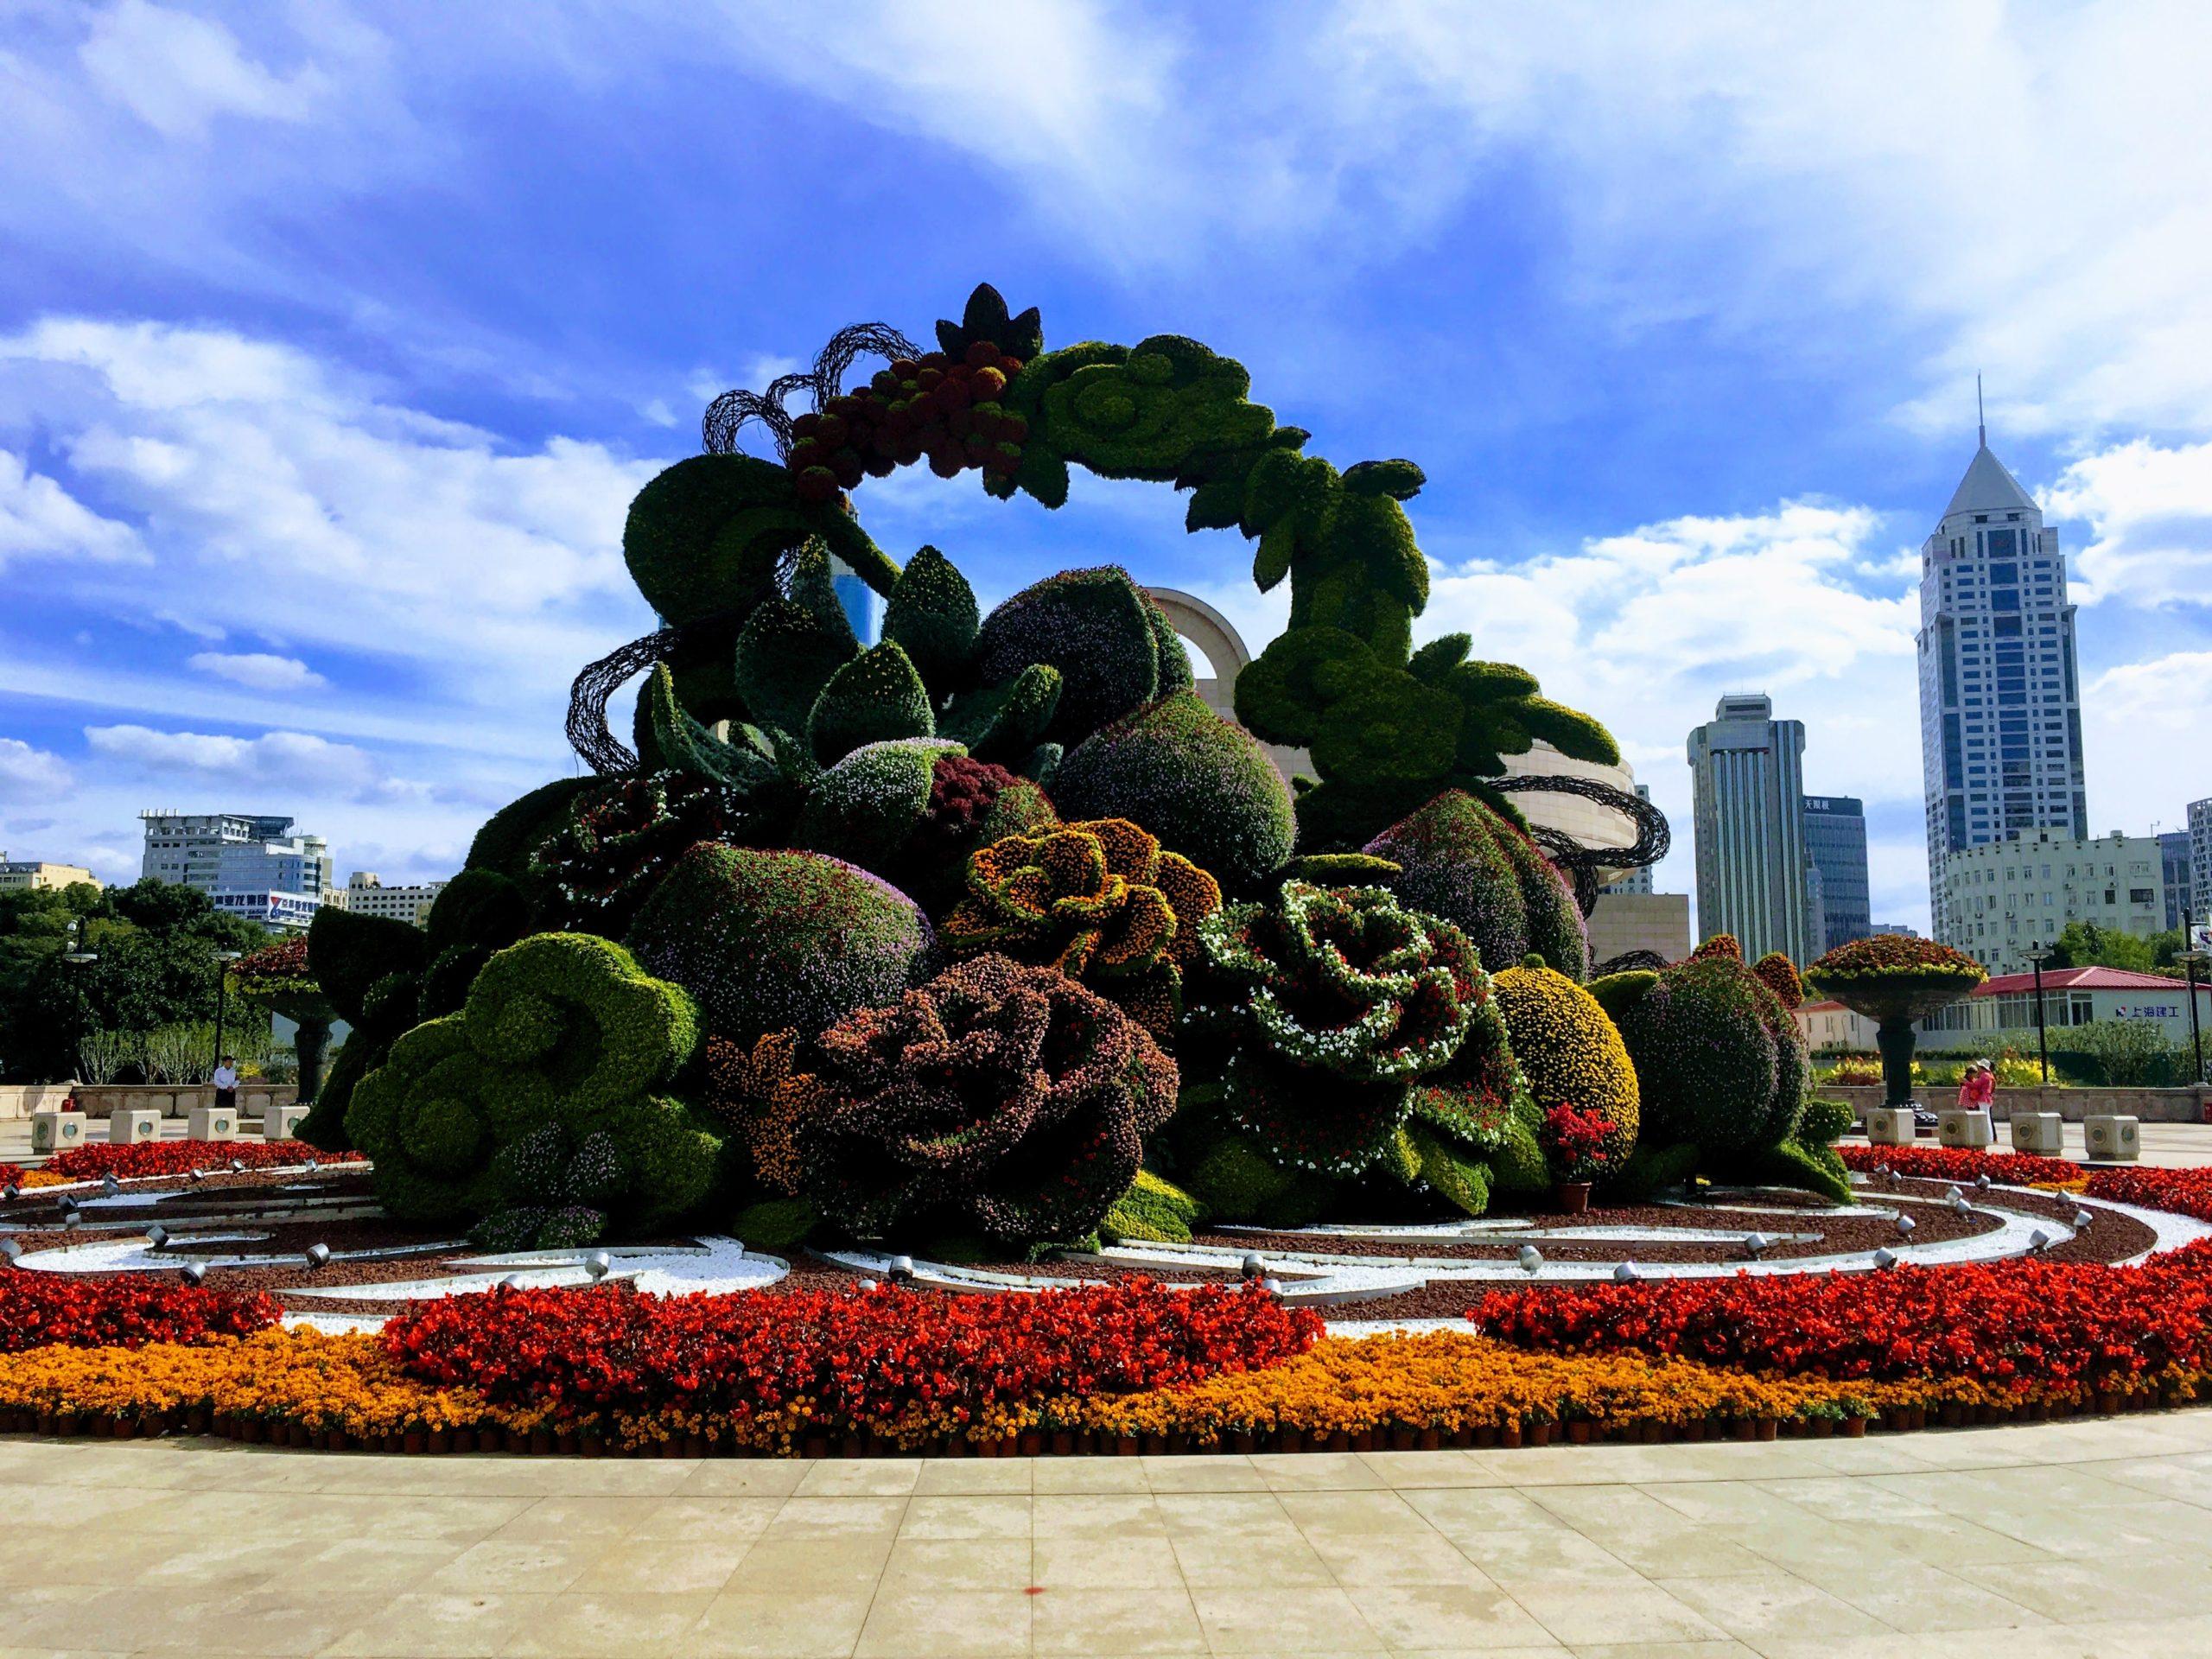 أفضل الحدائق والمساحات الخضراء في شنغهاي ، الصين